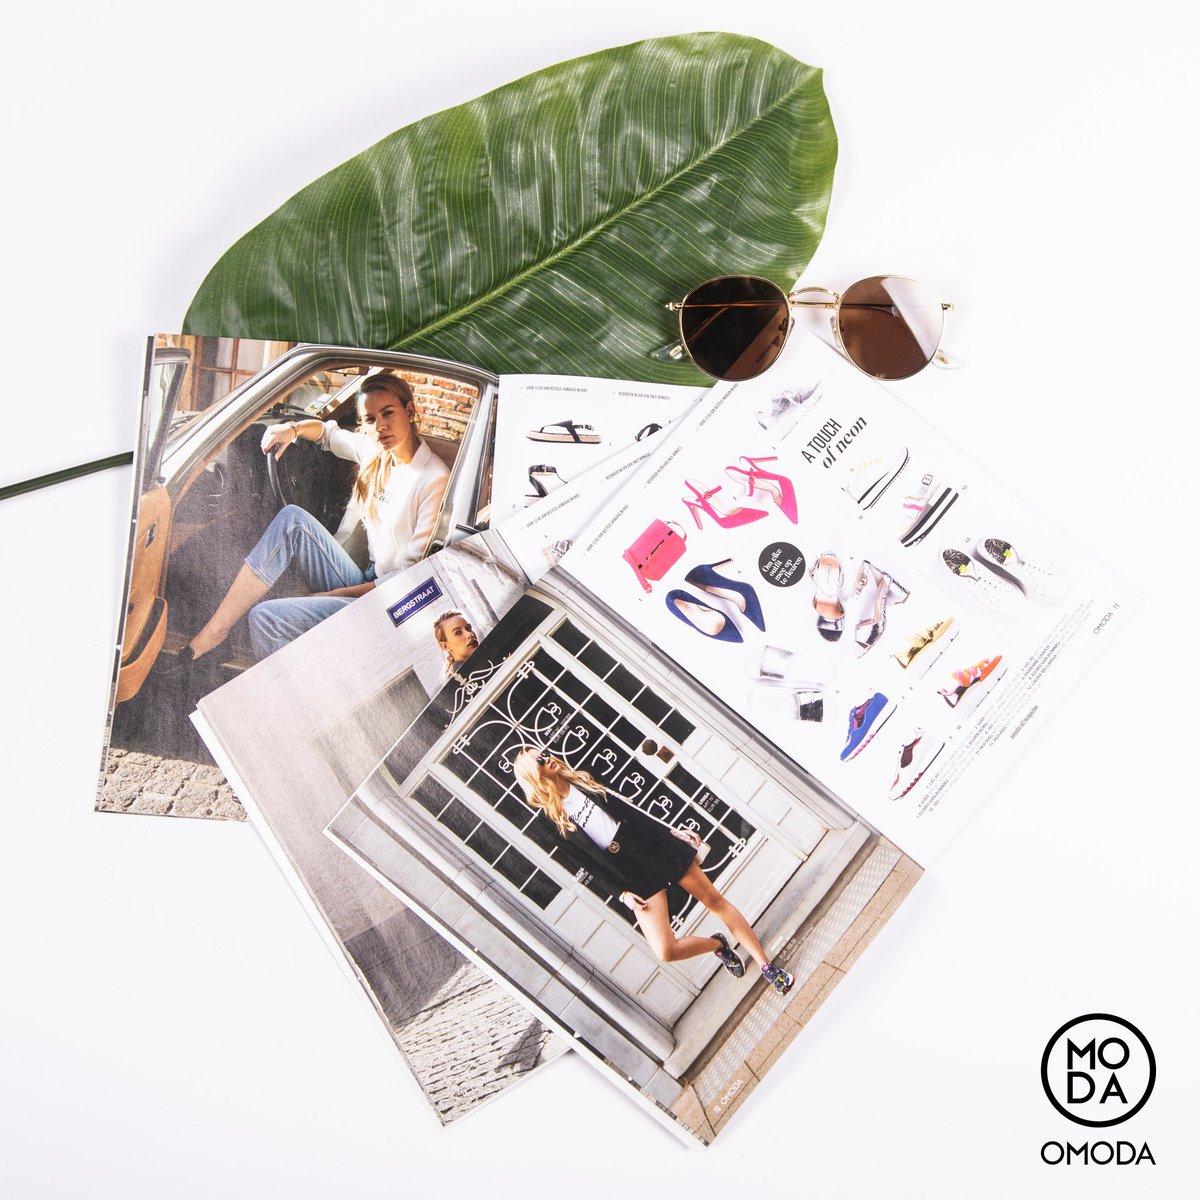 d481702b1f4 Deze editie van het Omoda Magazine zit vol nieuwe collectie damesschoenen,  schoenentrends en mode-inspiratie. Het perfecte leesvoer voor iedereen met  een ...